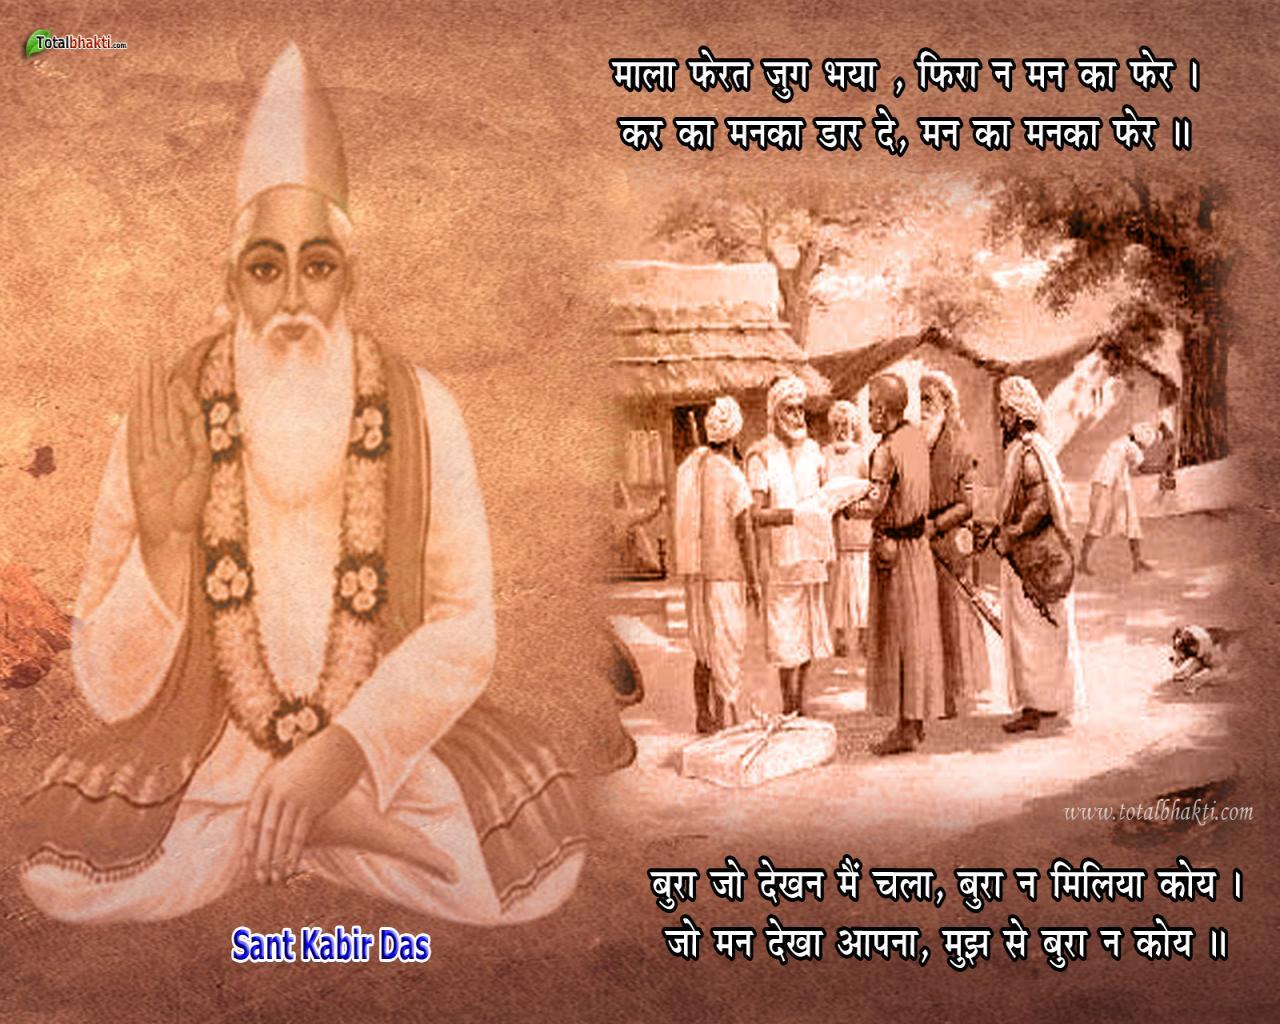 http://1.bp.blogspot.com/_RSf5nLEwOVg/TP-hKt5tkTI/AAAAAAAAAFc/ulTeHRbJReI/s1600/Sant-Kabir-Das-1990.jpg